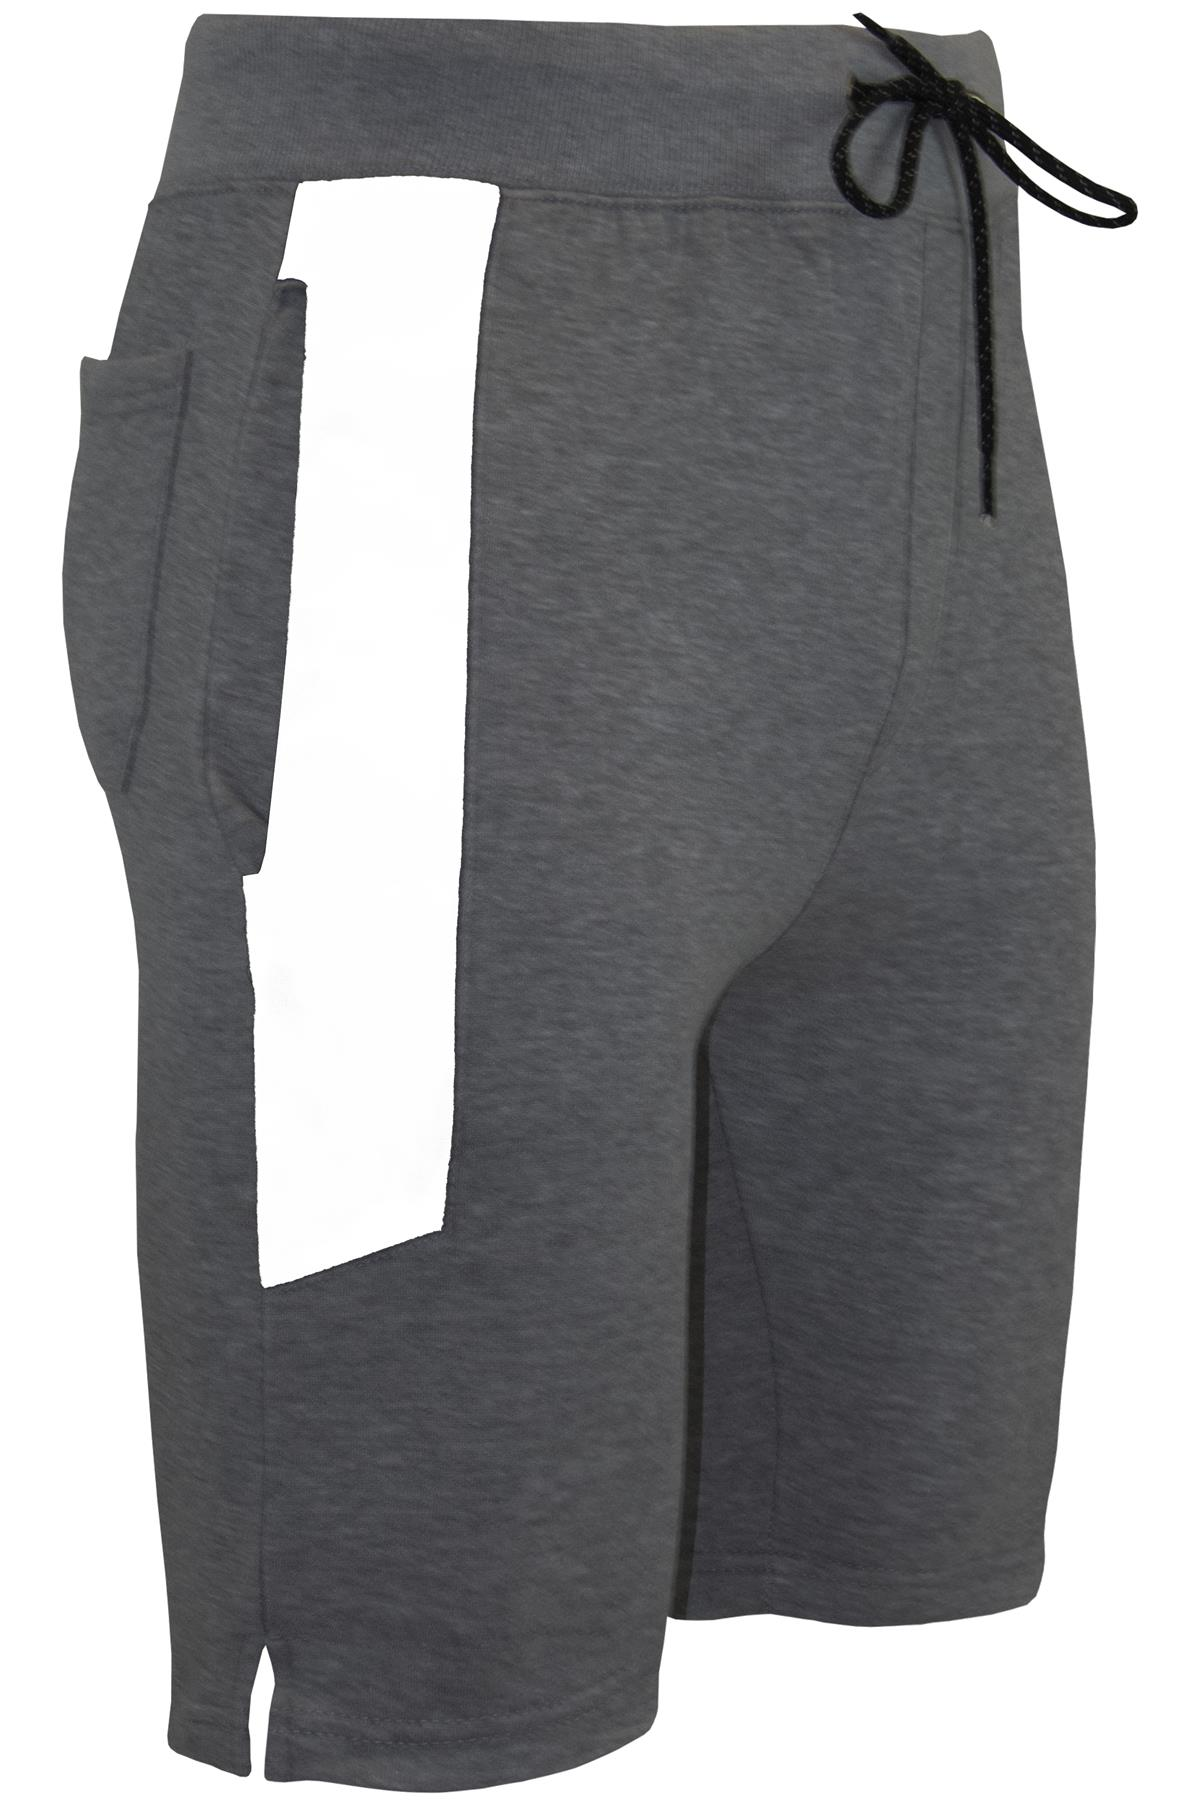 Mens-Plain-Summer-Casual-Gymming-Joggers-Baggy-Jersey-Running-Gym-Jogging-Shorts thumbnail 36